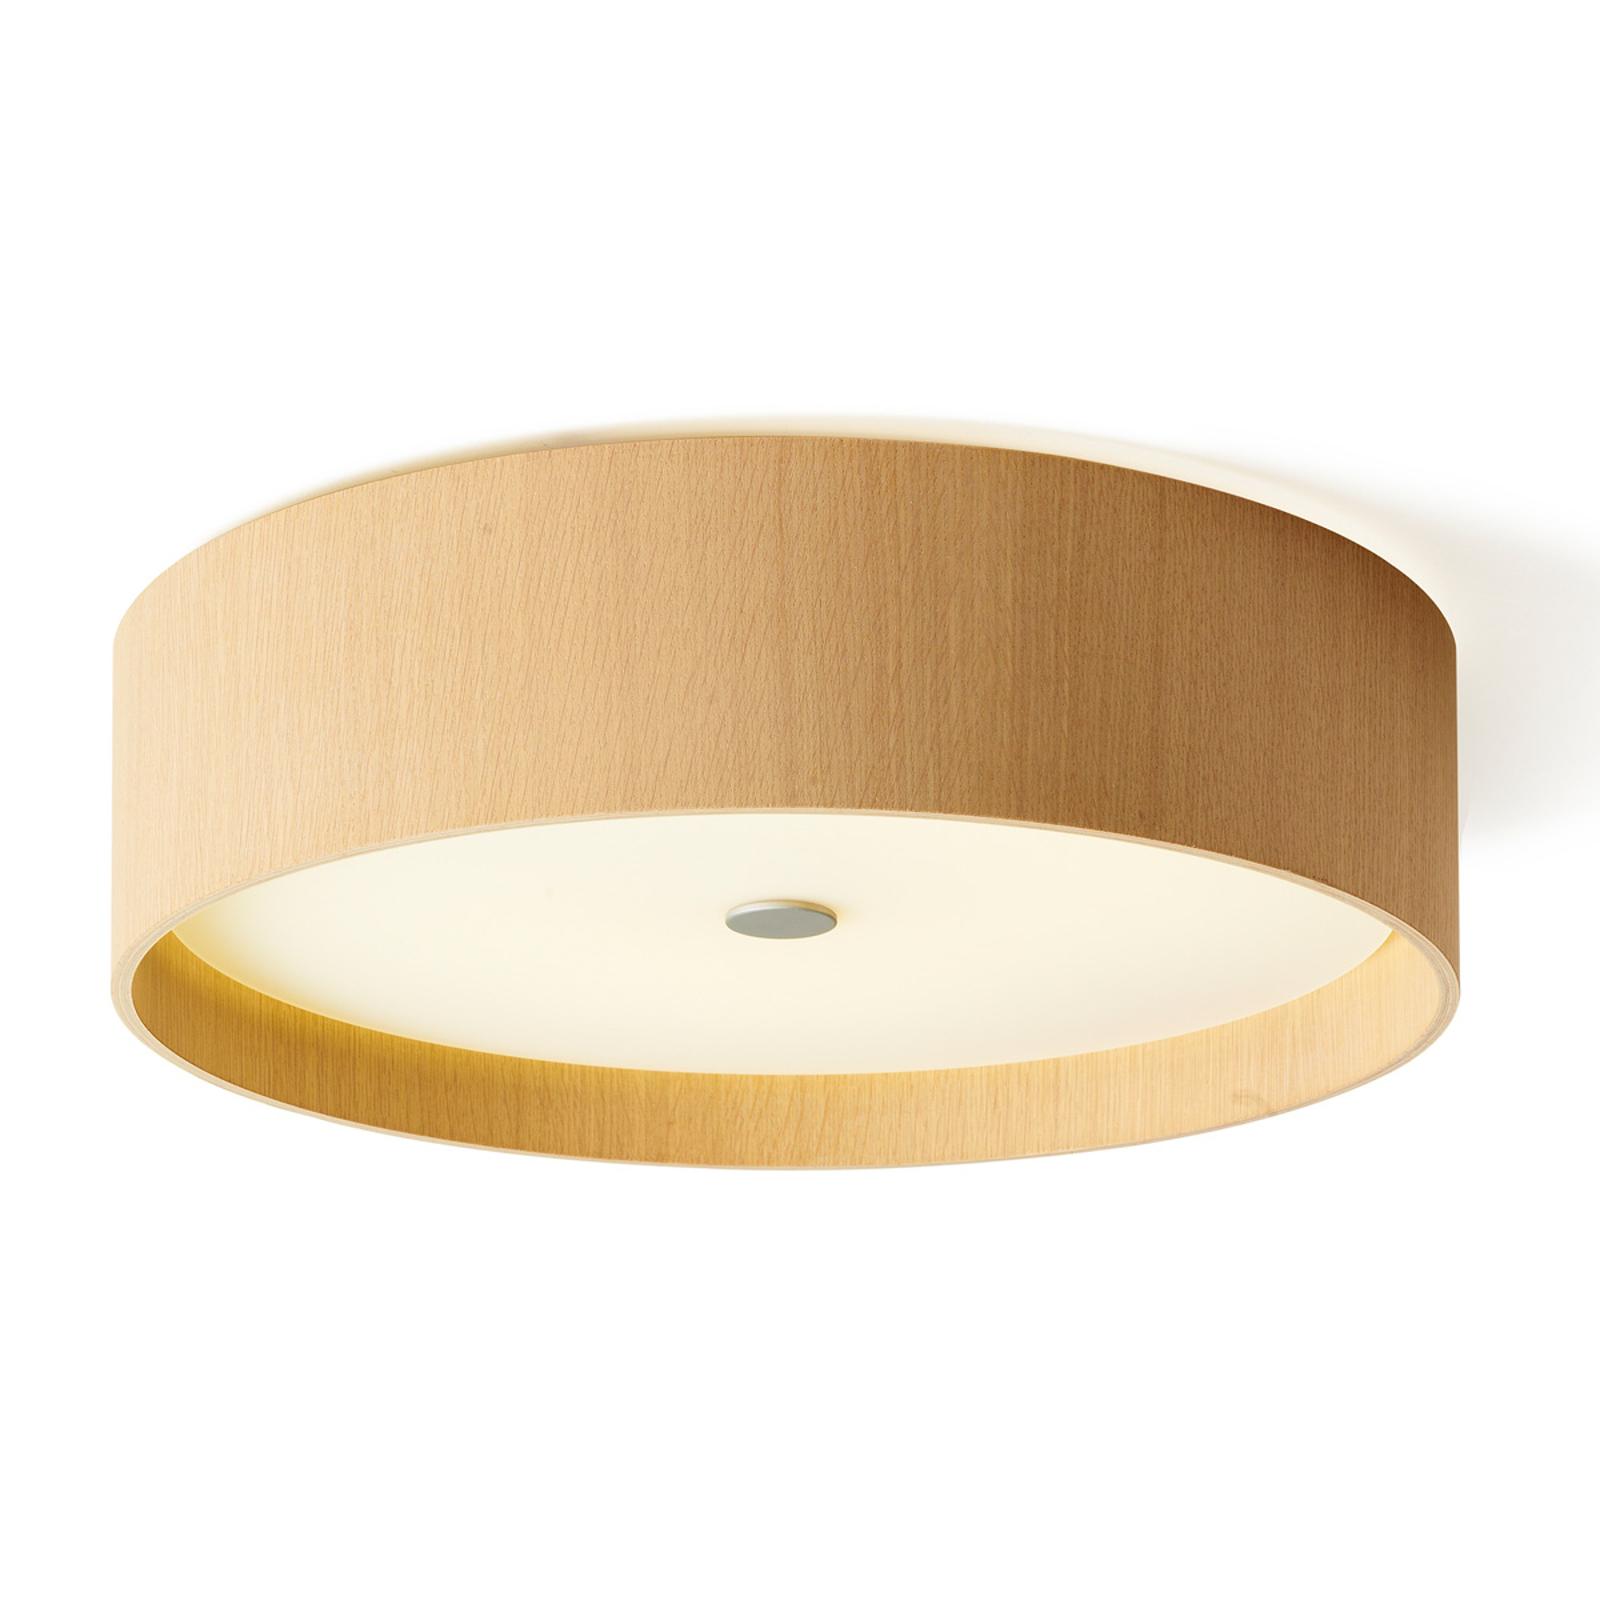 Dřevěné stropní svítidlo Lara wood s LED 43 cm